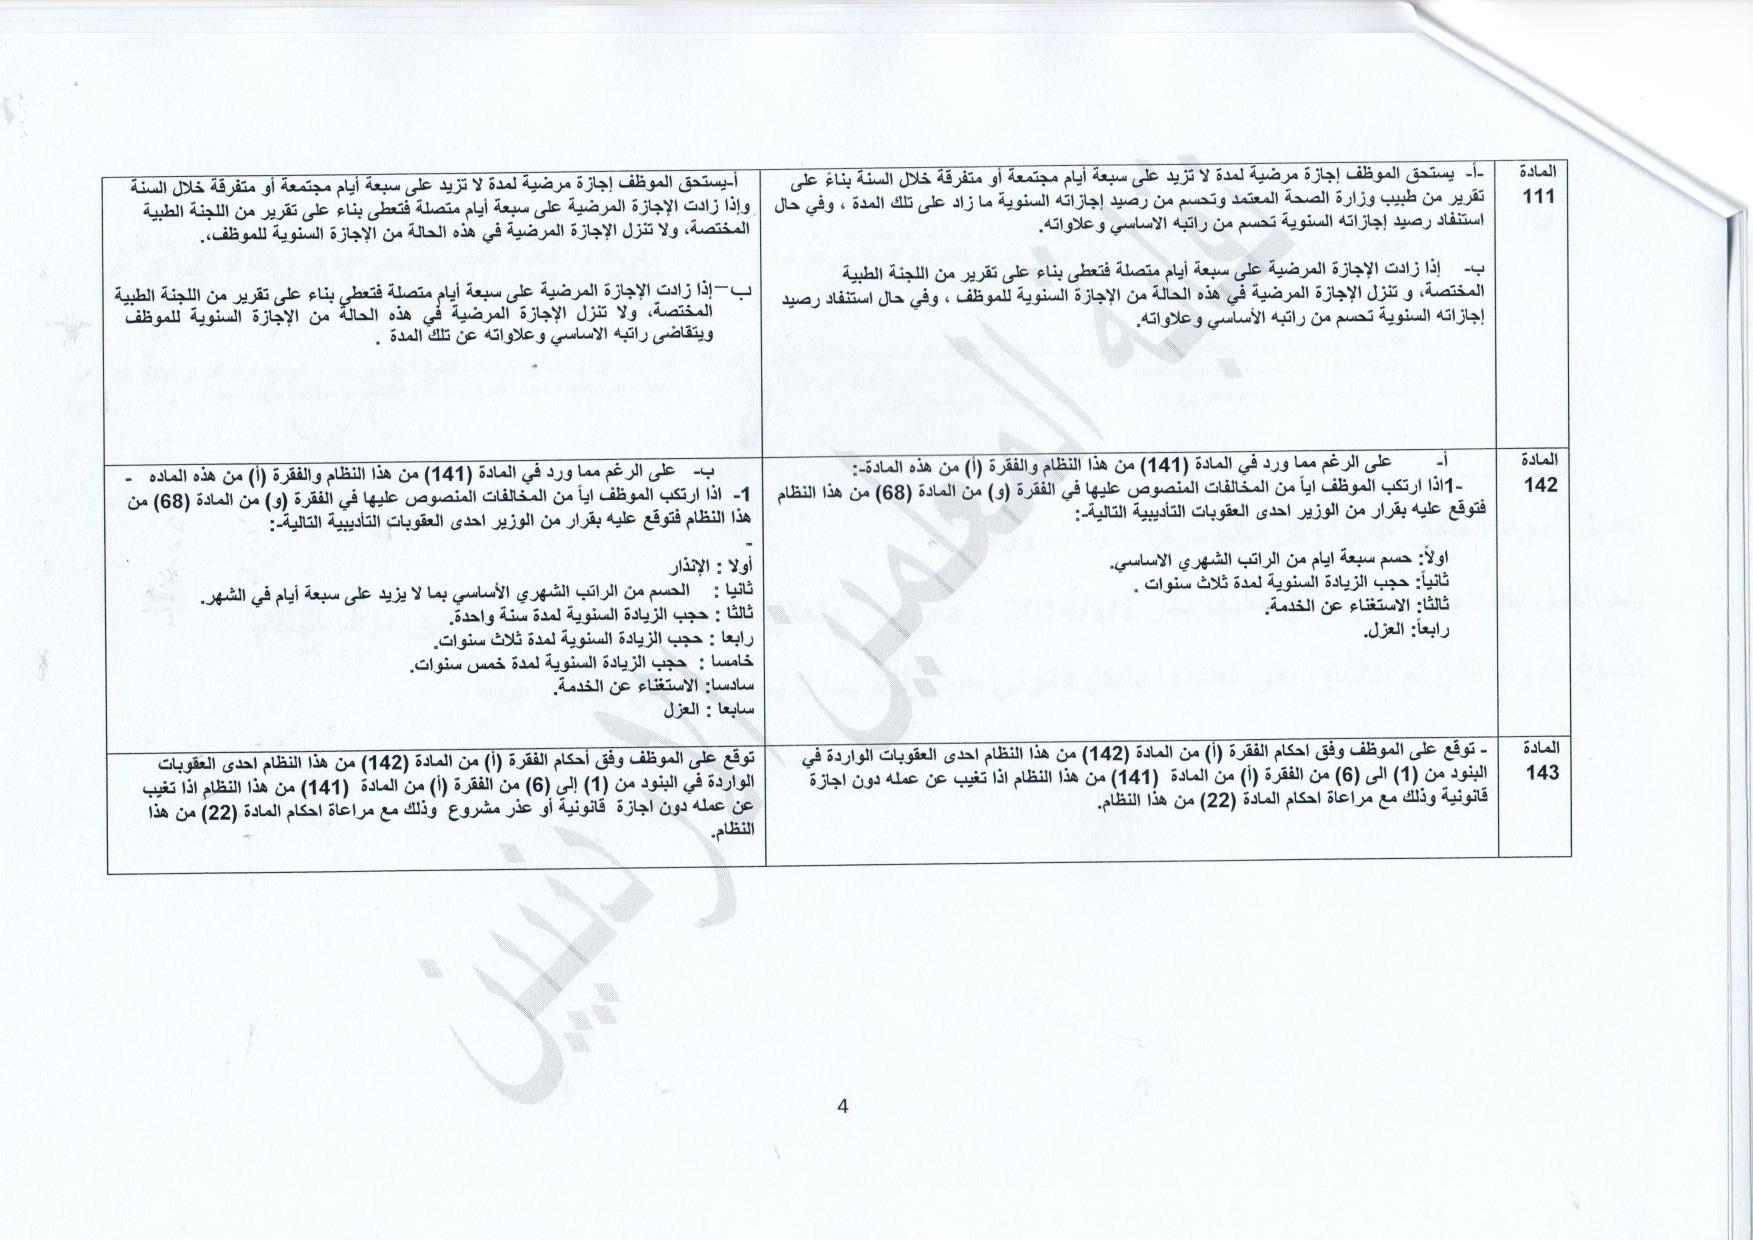 نقابة المعلمين تنتزع مطالب المعلمين image.php?token=1afb6baae197f954d943c40a6c5cf074&size=